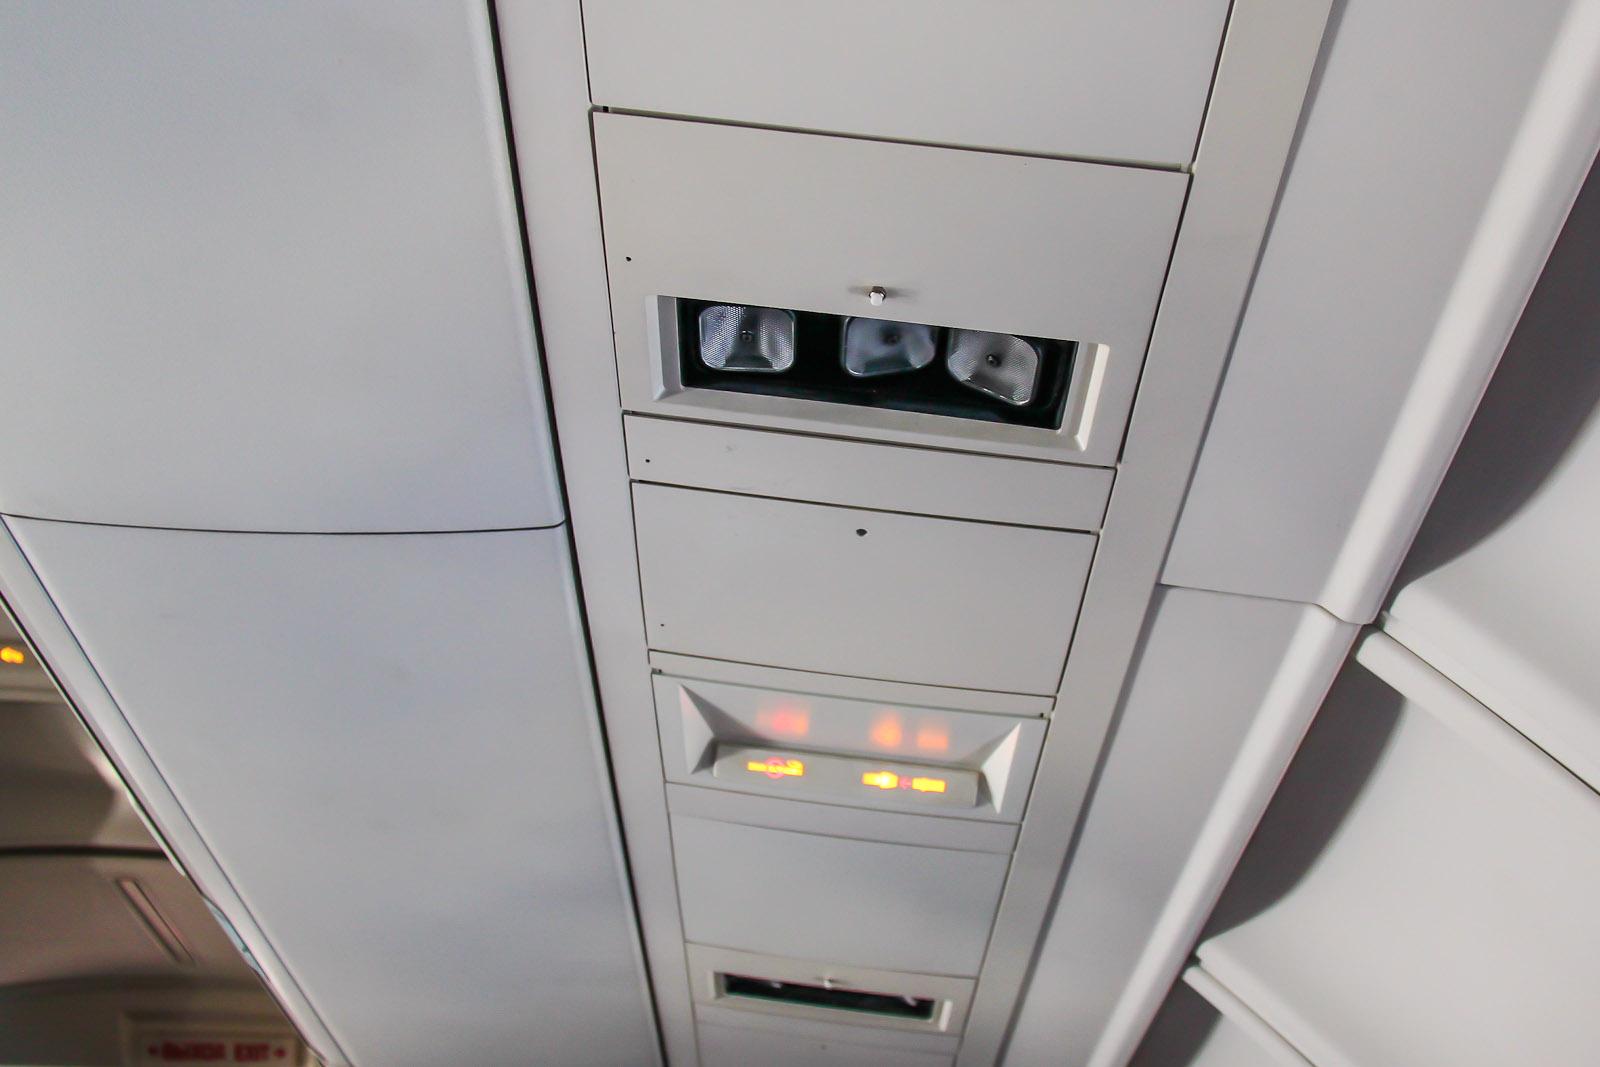 Панель индивидуального освещения в самолете Боинг-747-400